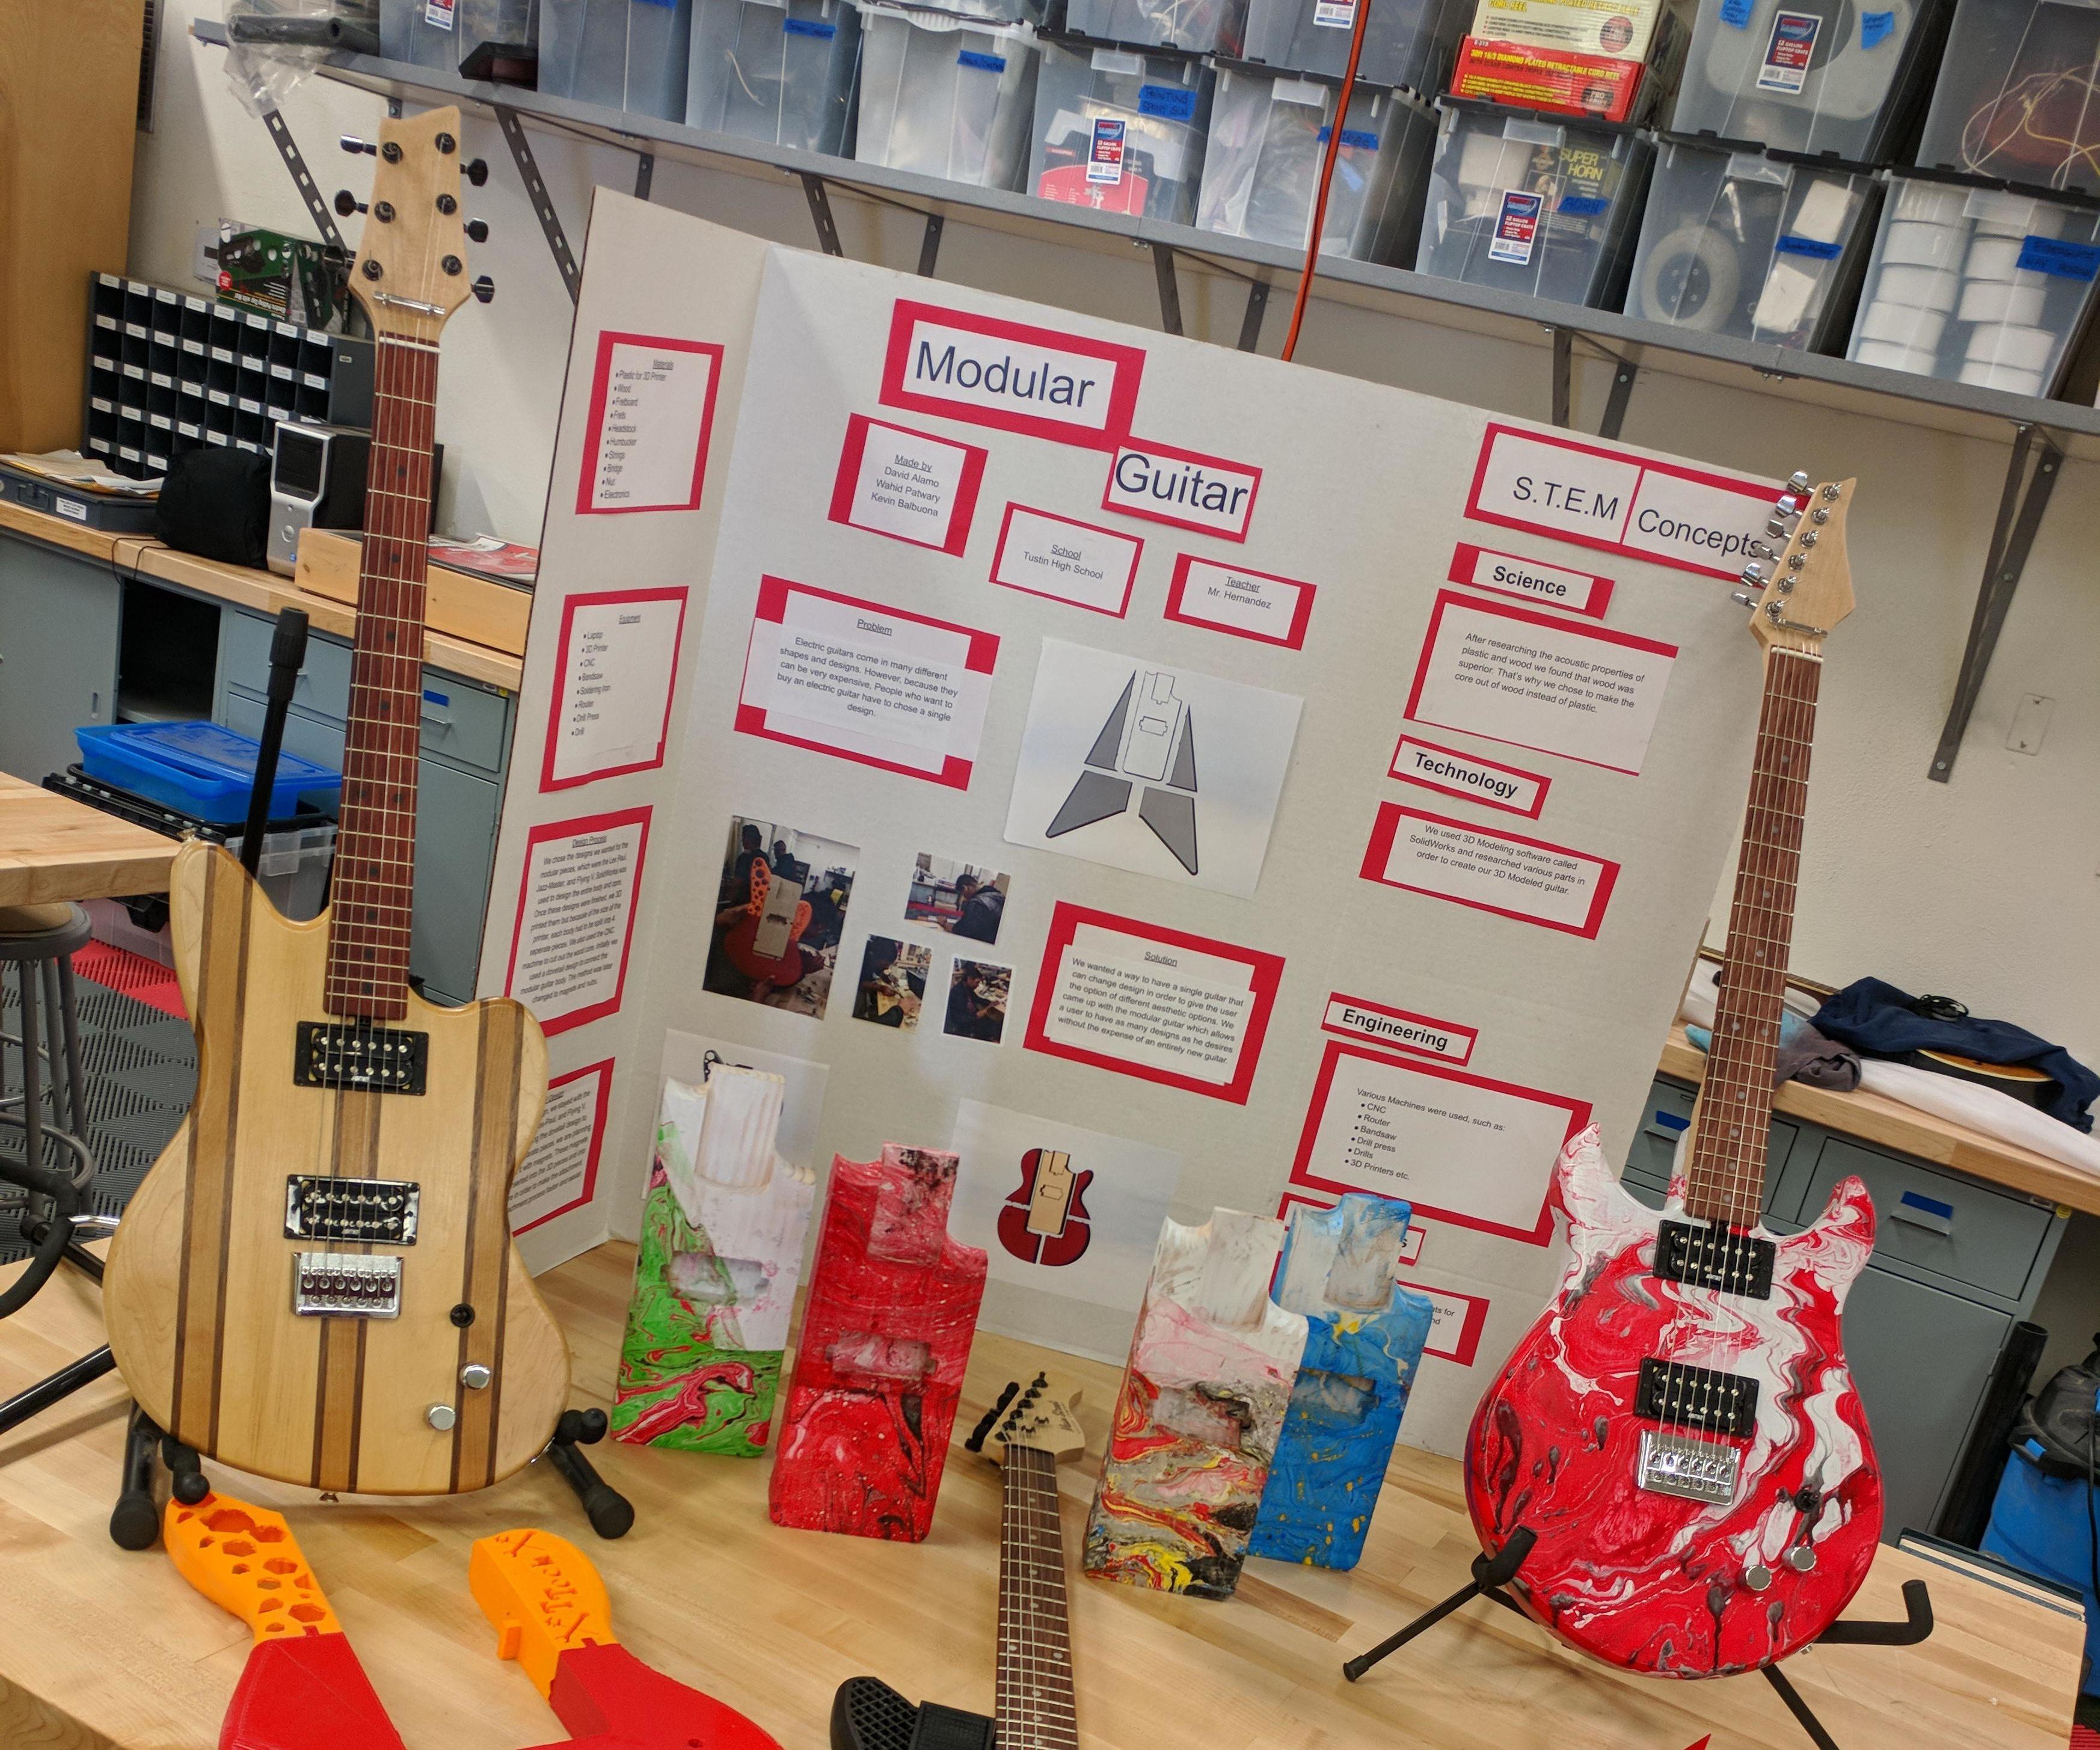 T-Tech Modular Guitar